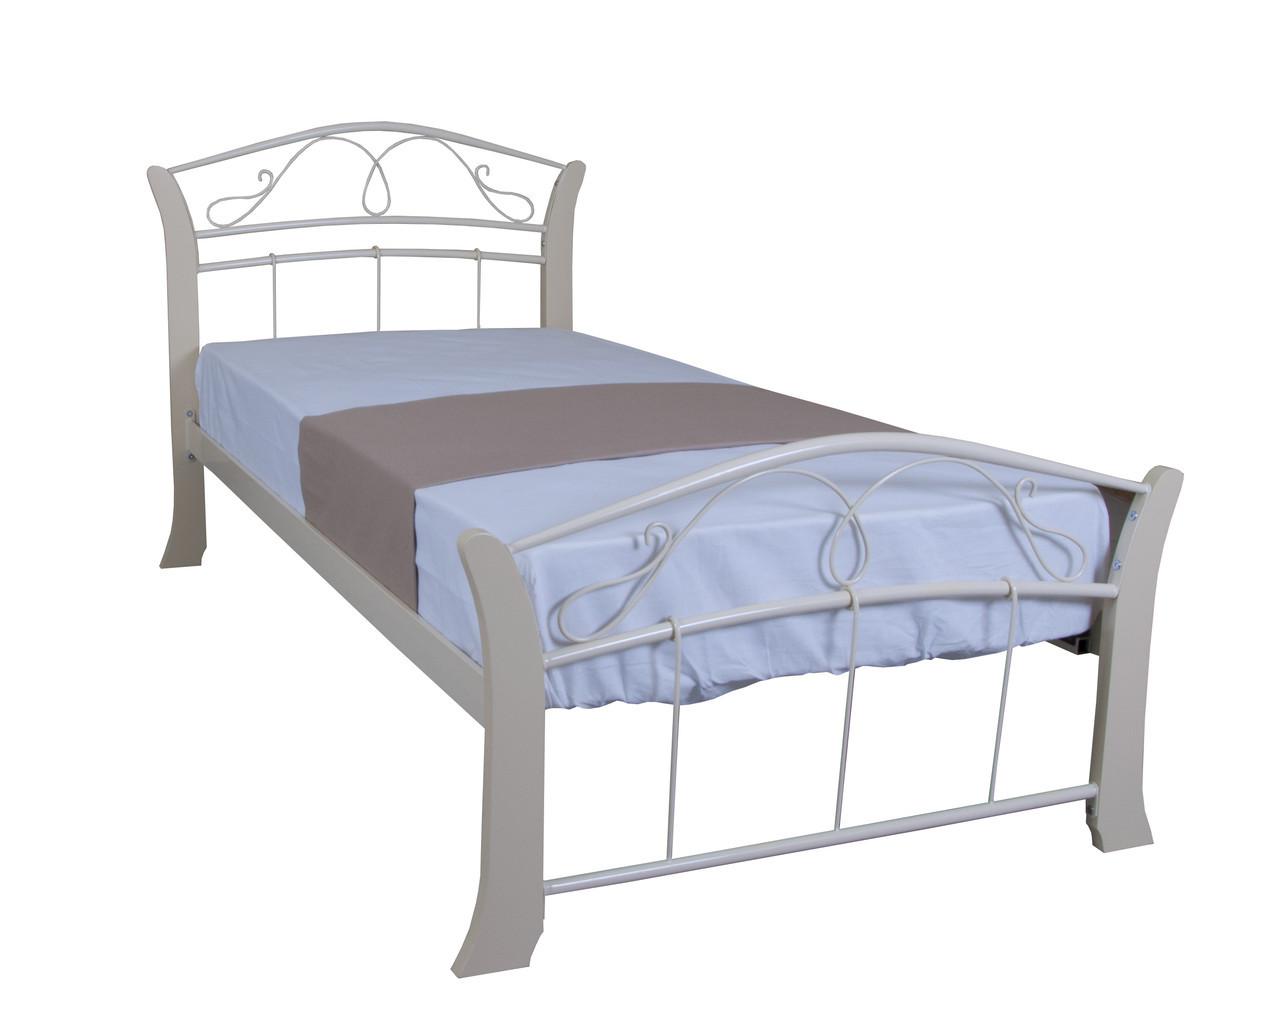 Кровать Селена Вуд односпальная 200х90, белая